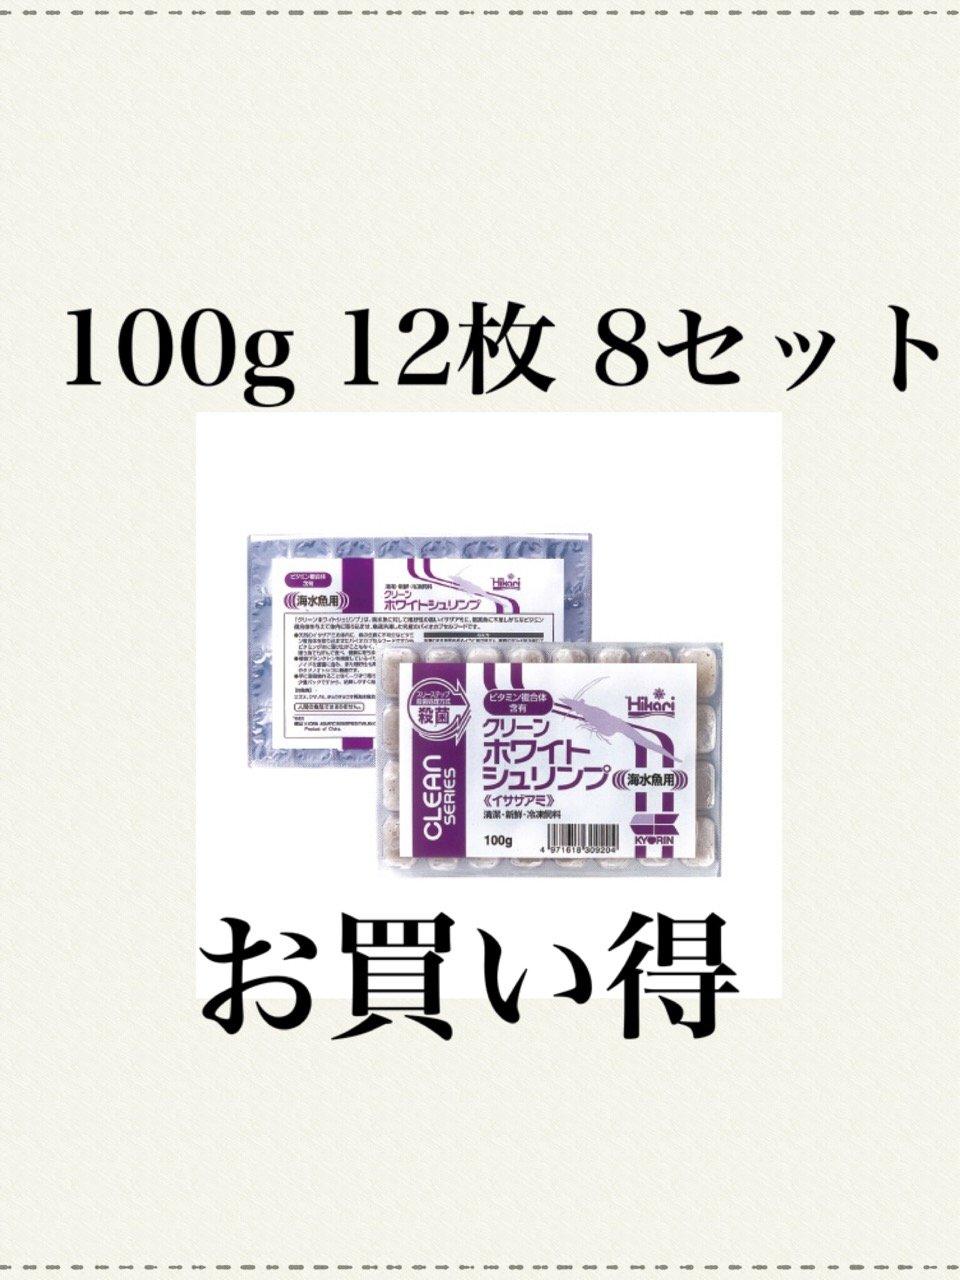 クリーンホワイトシュリンプ 100g 12枚 8セット 冷凍飼料 キョーリン エサ スリーステップ殺菌ビタミン含有冷凍フード B0779HWFYS